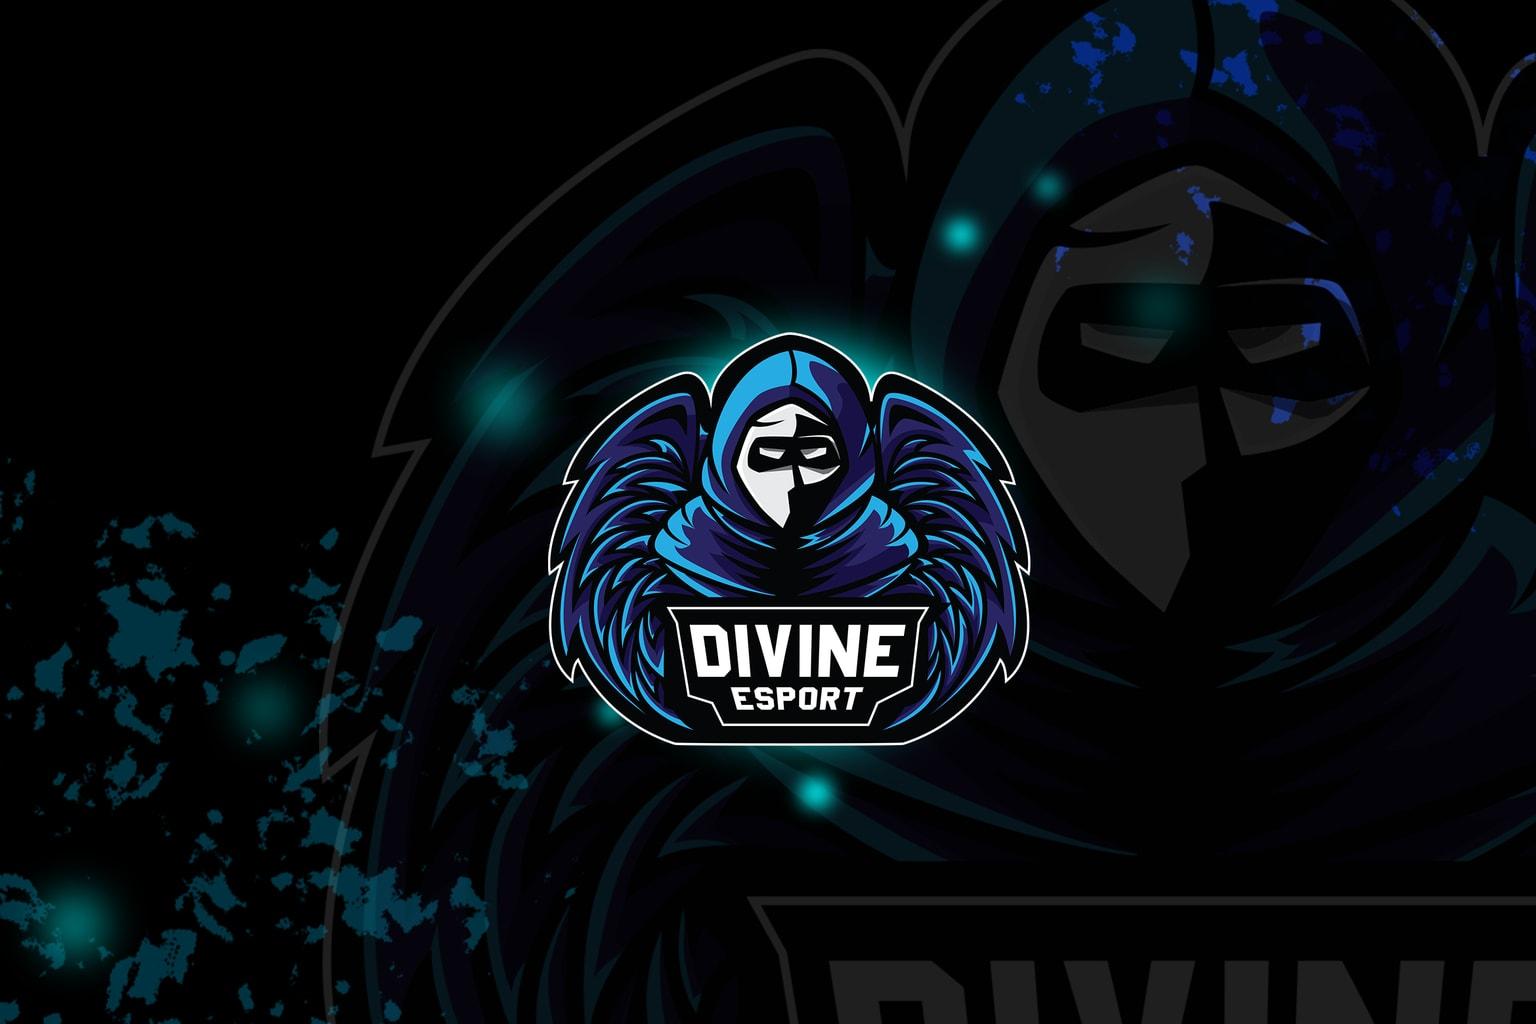 esport logo – divine shadow